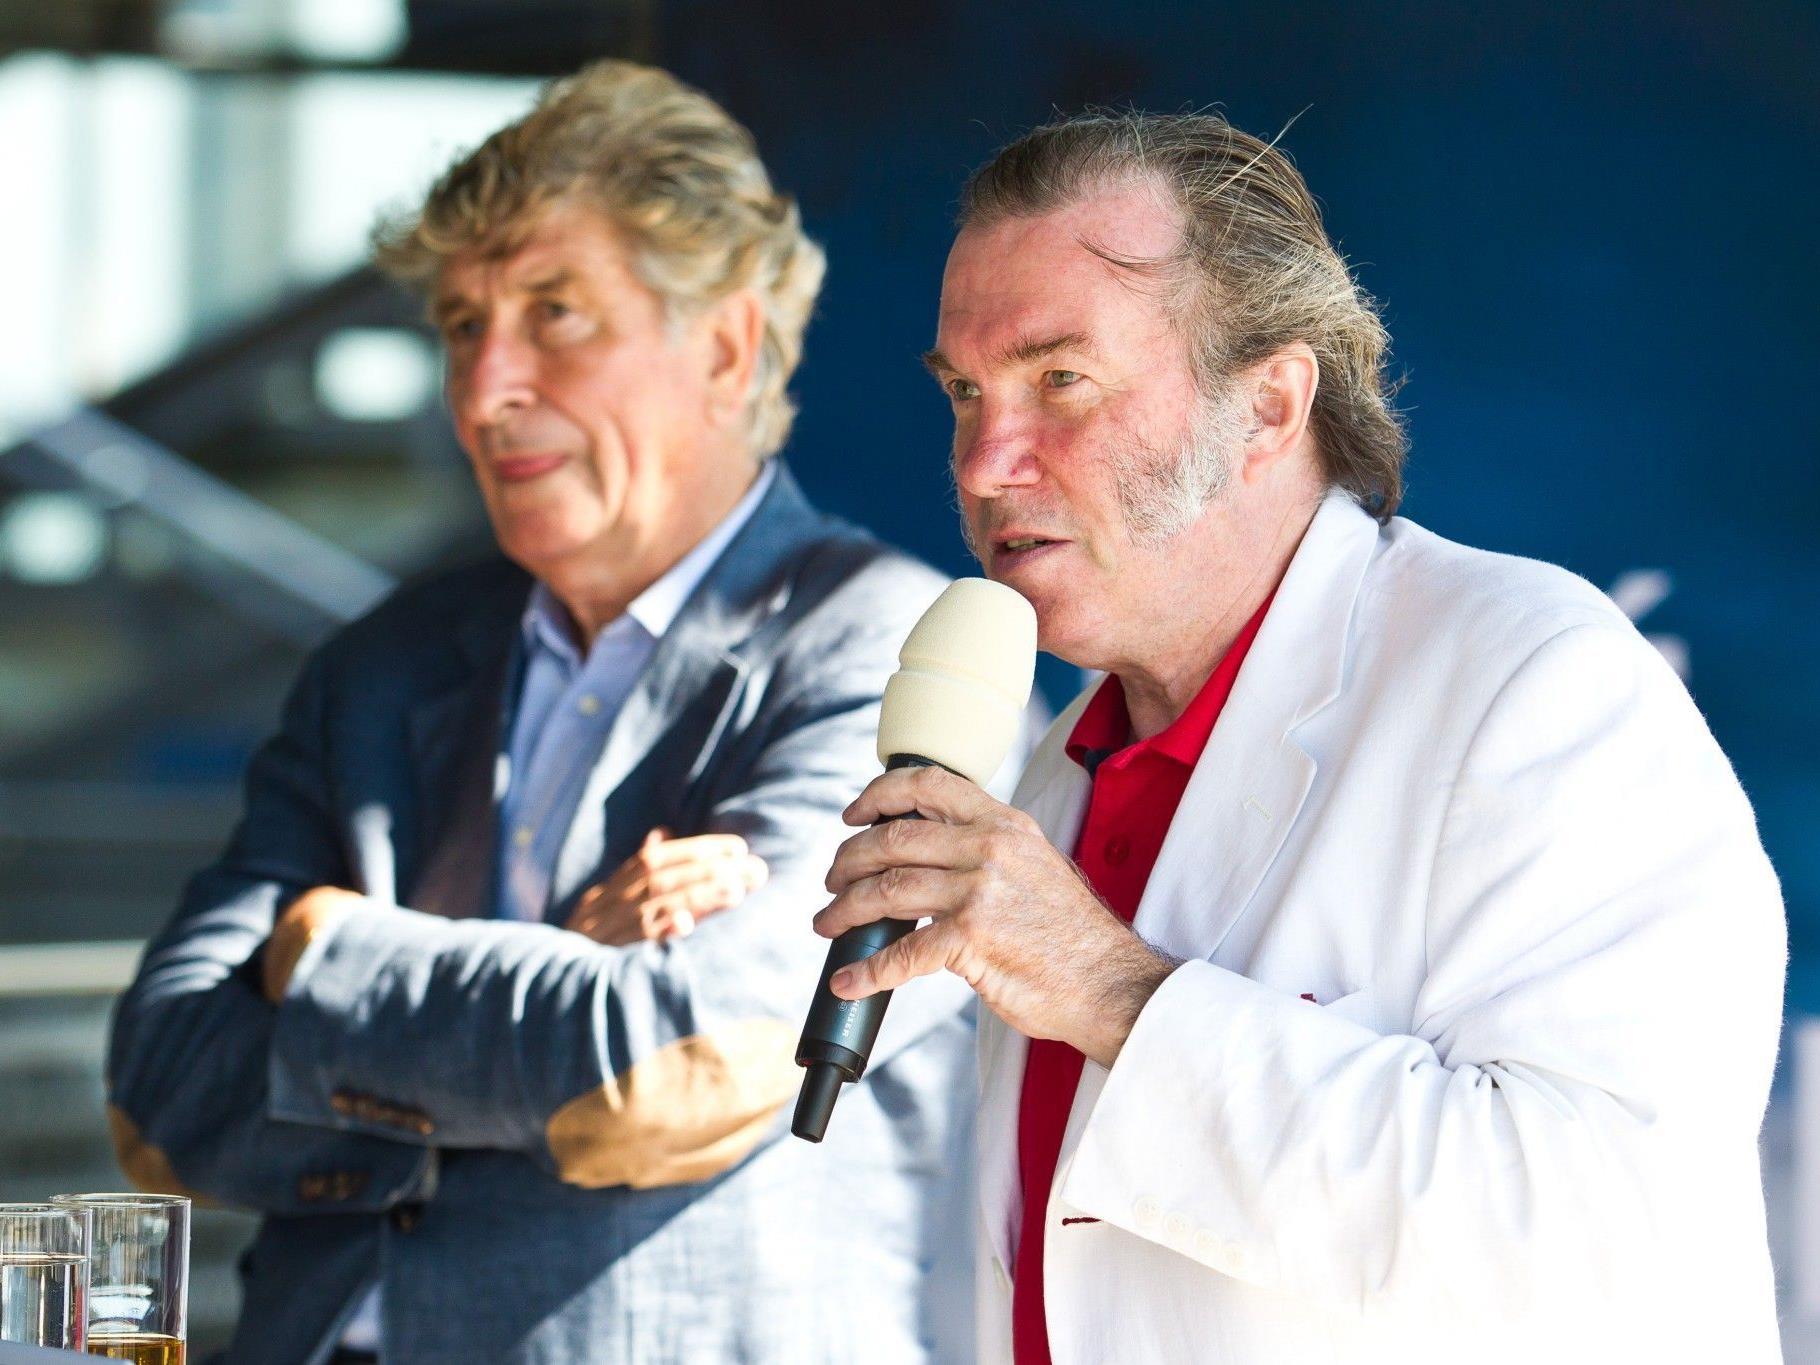 Der Ex-Festspiele-Präsident Günter Rhomberg (l.) und Intendant David Pountney bei einer Pressekonferenz im August 2011.